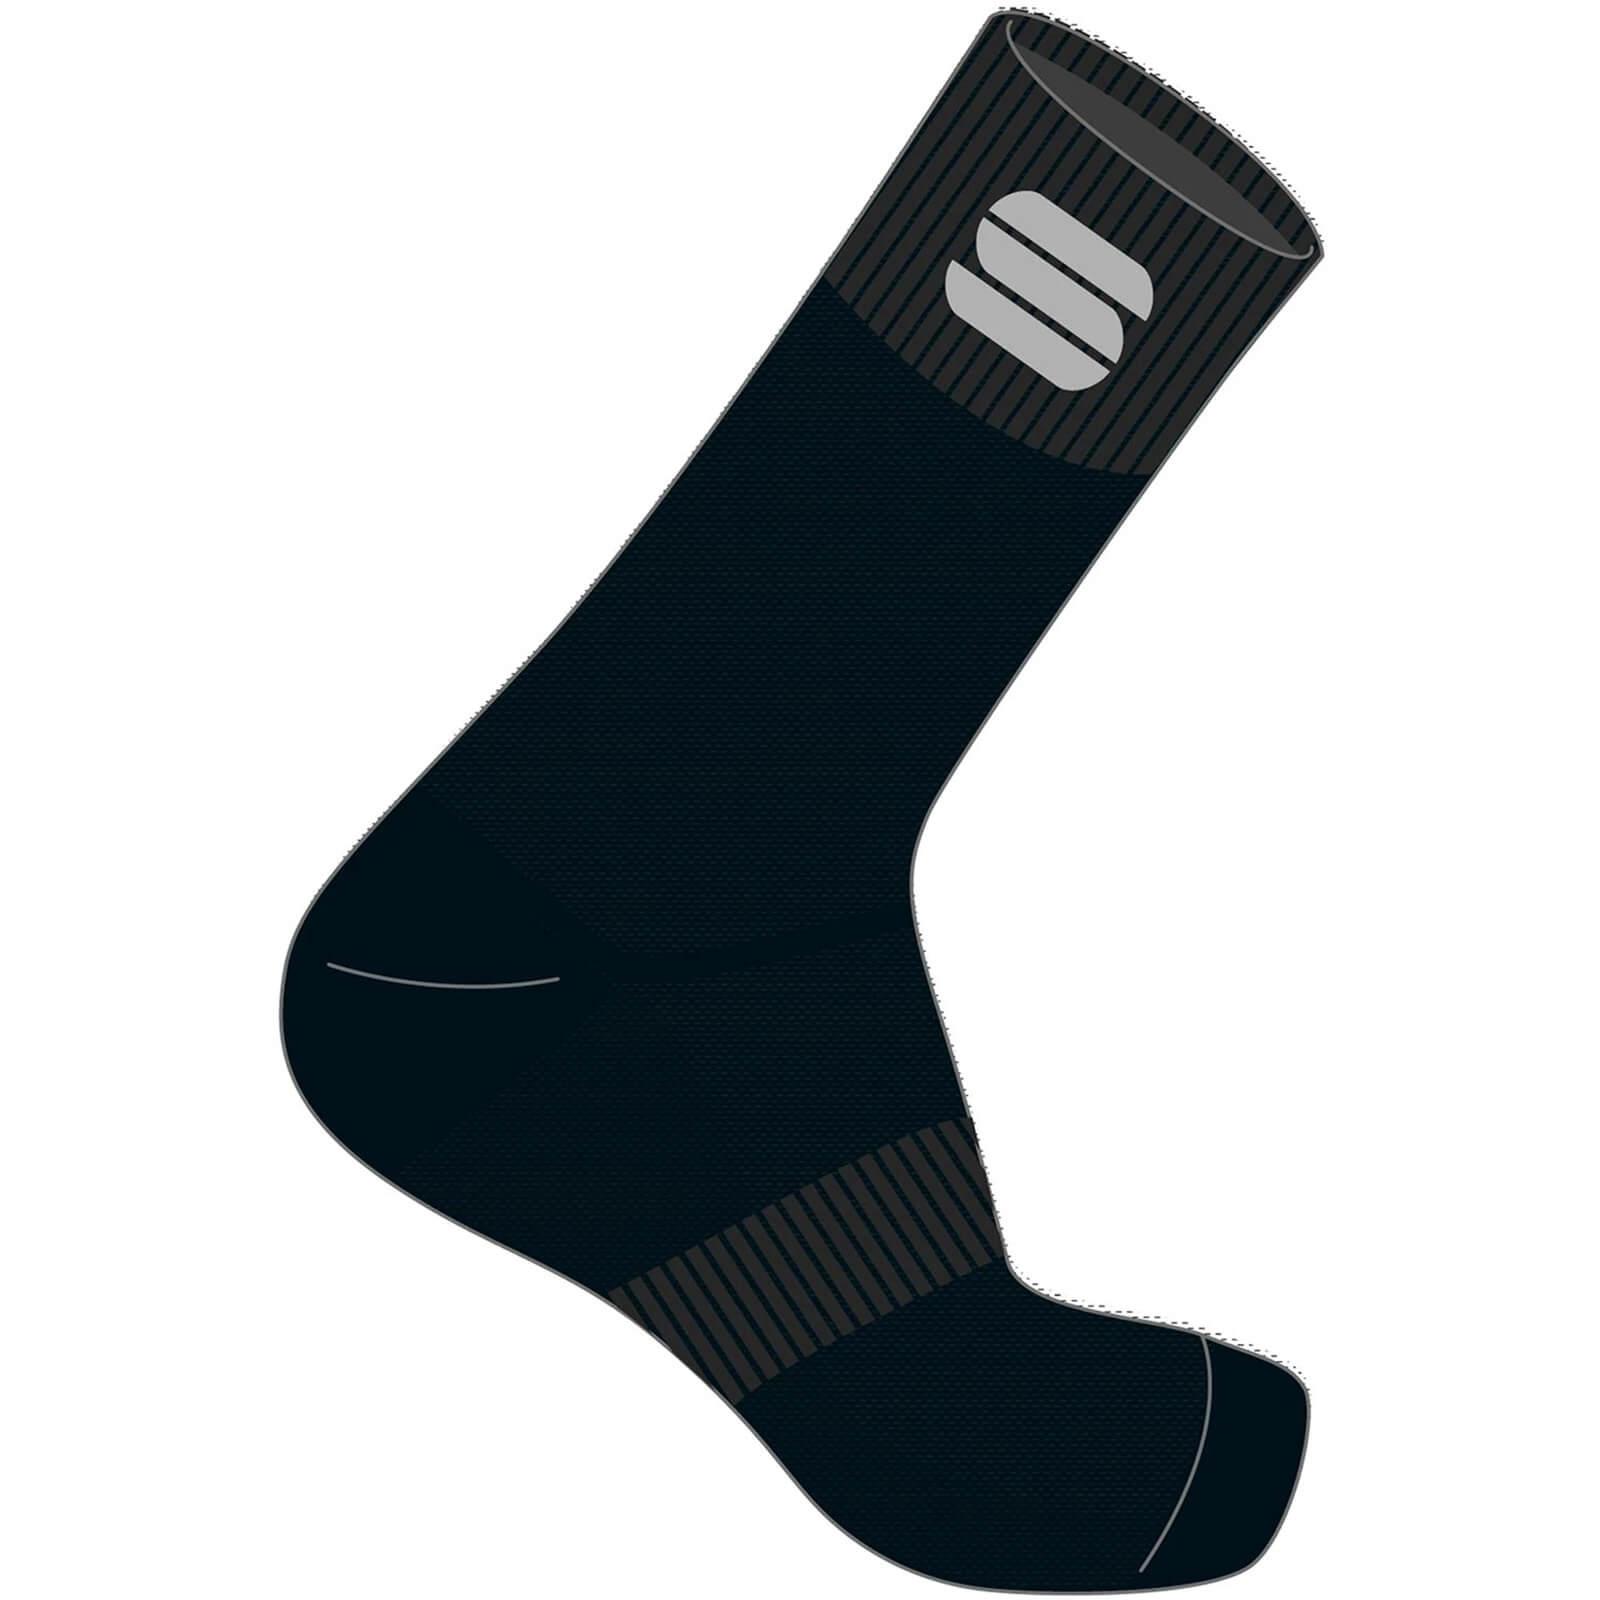 Sportful Matchy Socks - XL - Schwarz